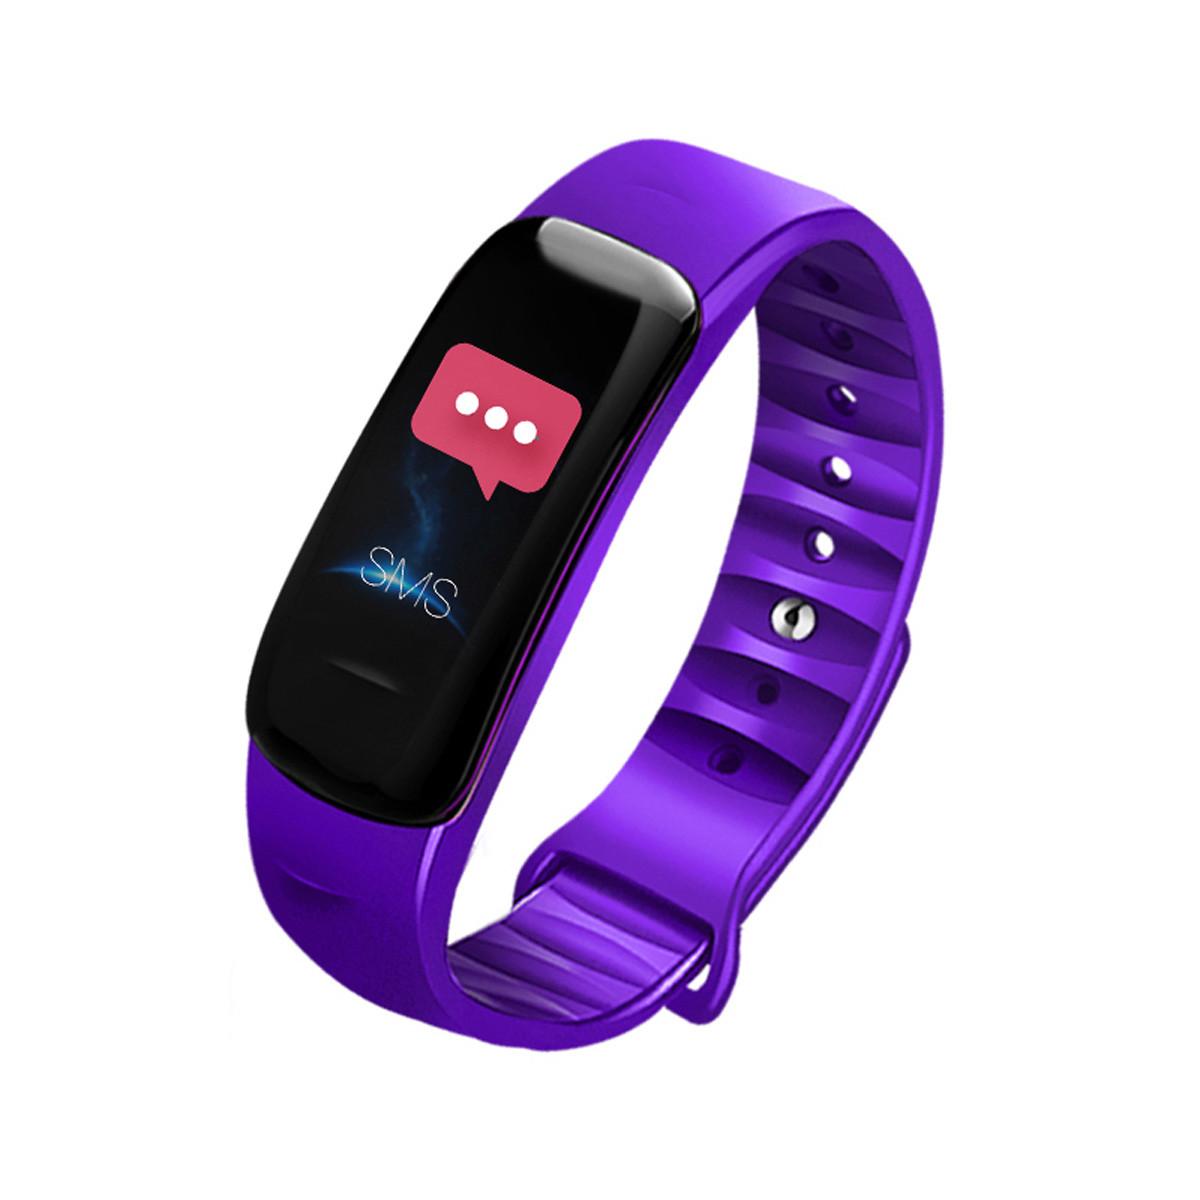 彩屏智能手环多功能心率血压男女士学生防水3代运动计步器手表4